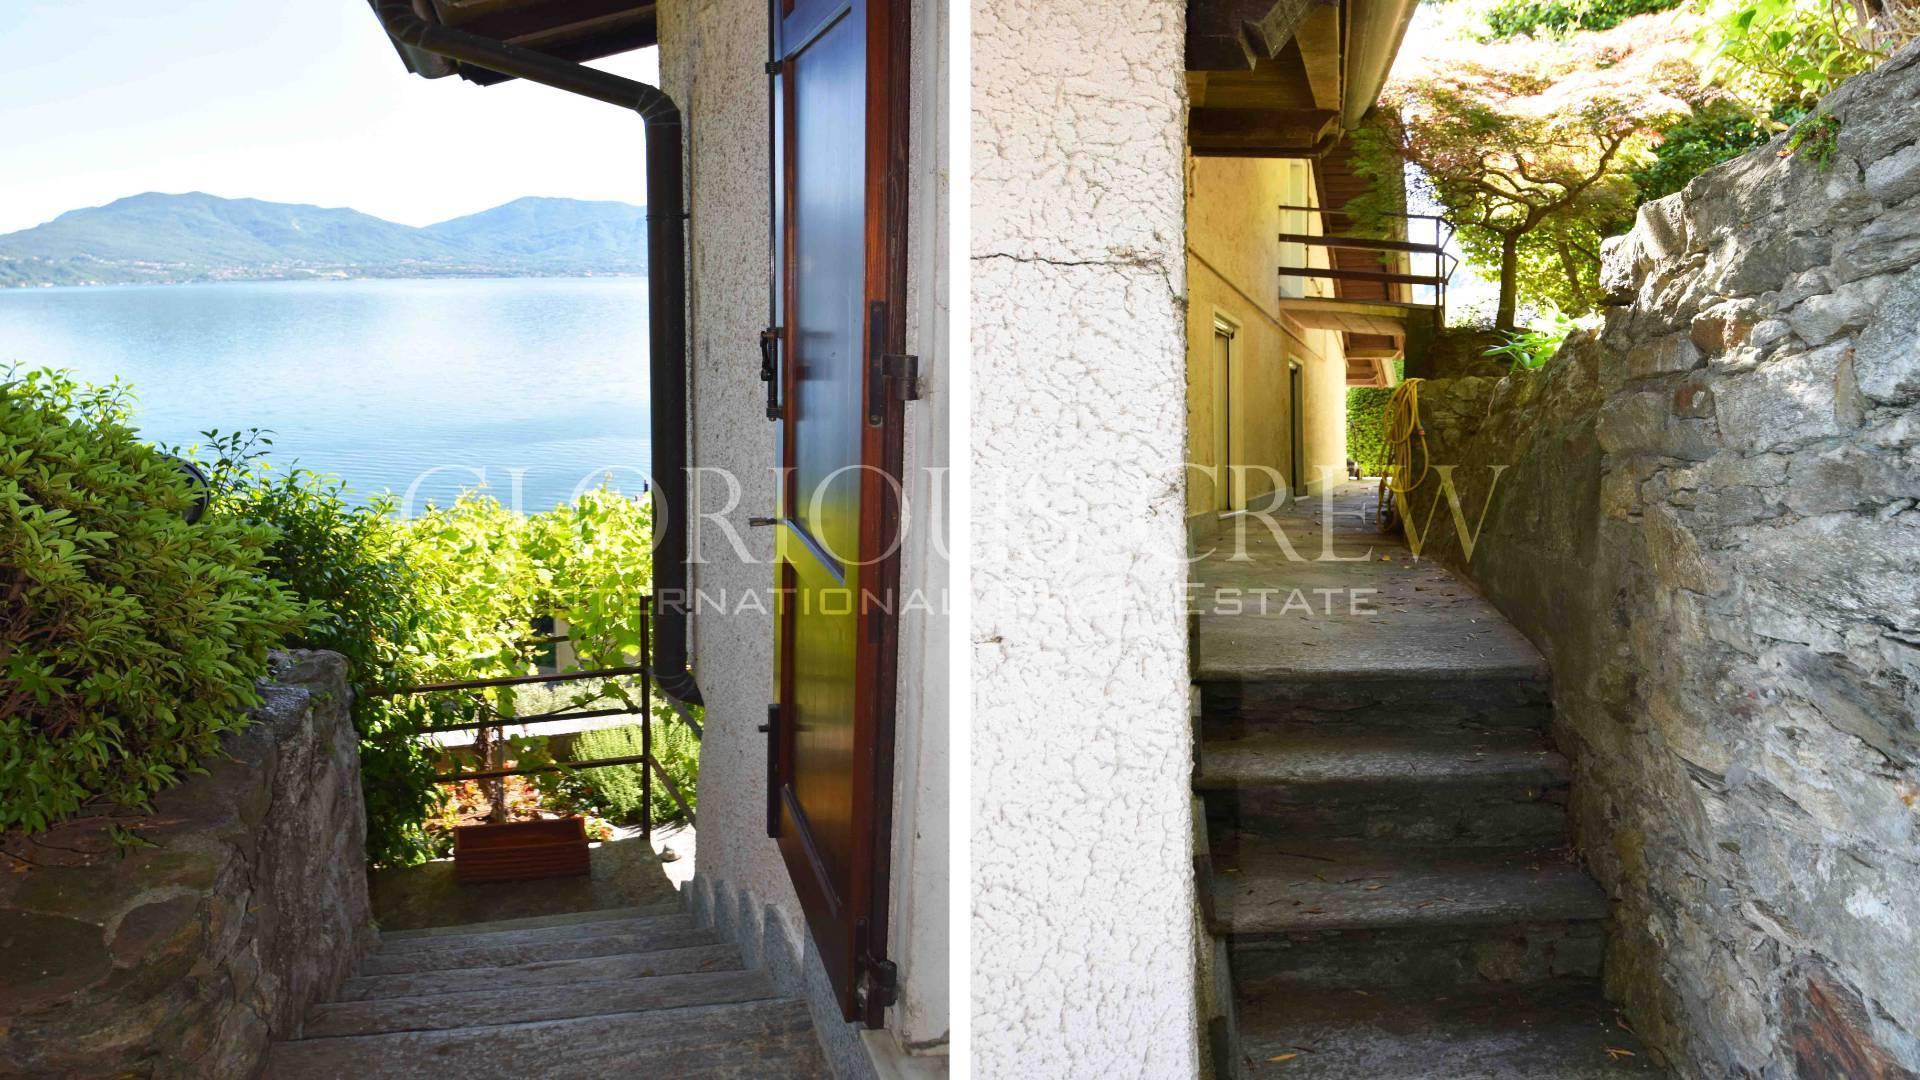 Villa in Vendita a Cannero Riviera: 5 locali, 310 mq - Foto 18